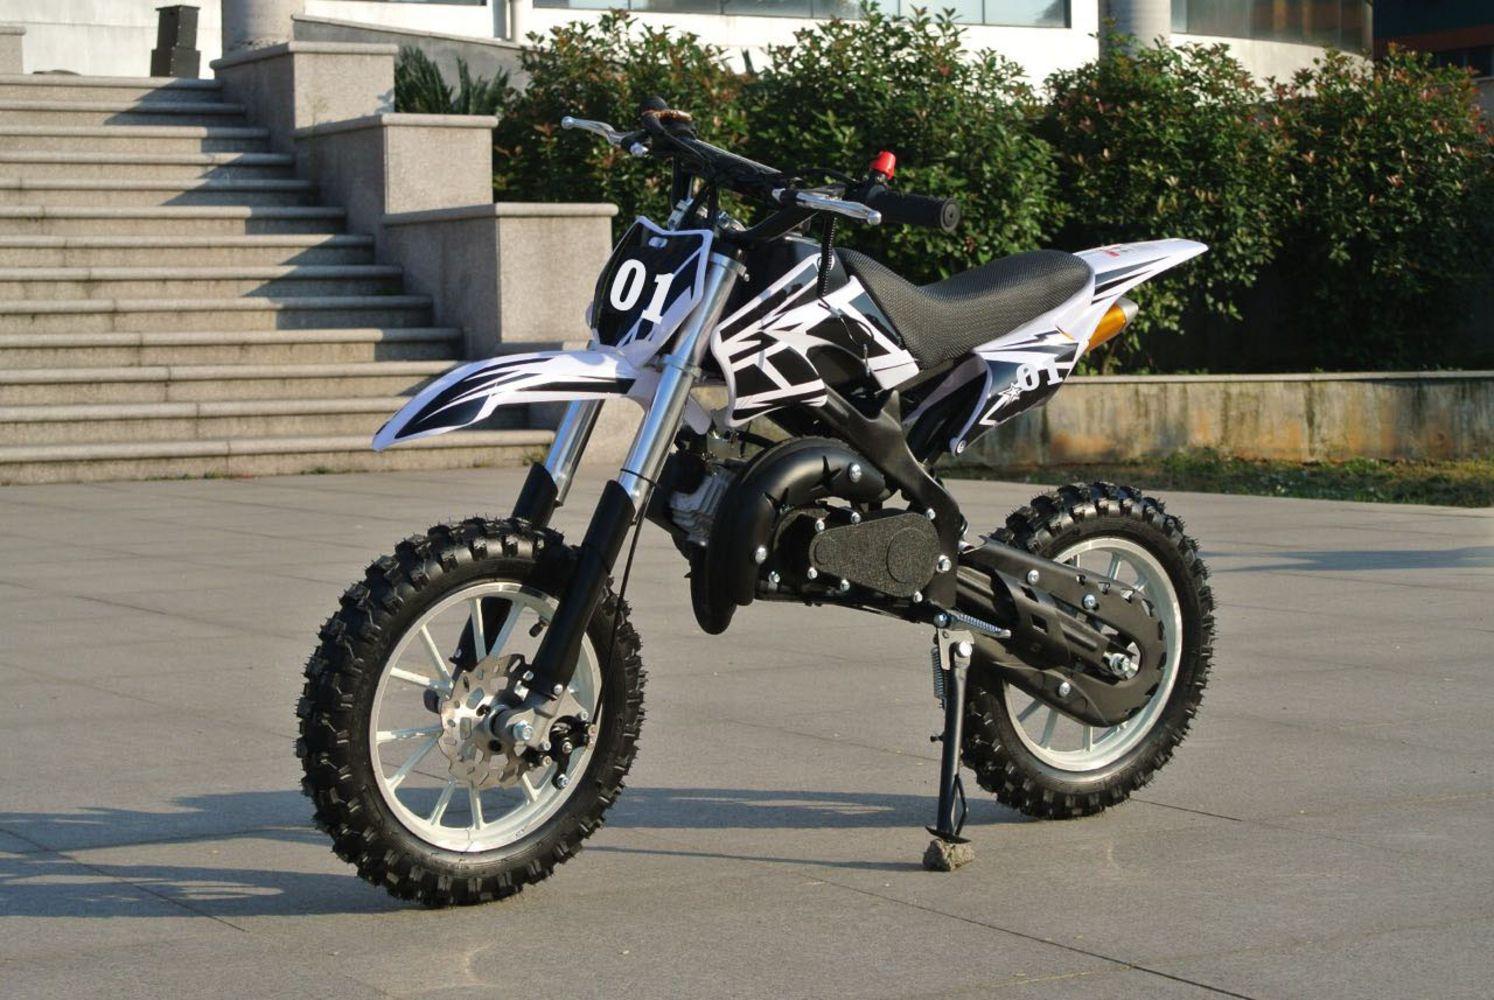 Brand New Quad Bikes & Dirt Bikes: 125cc Quads, Plus Mini Dirt Bikes